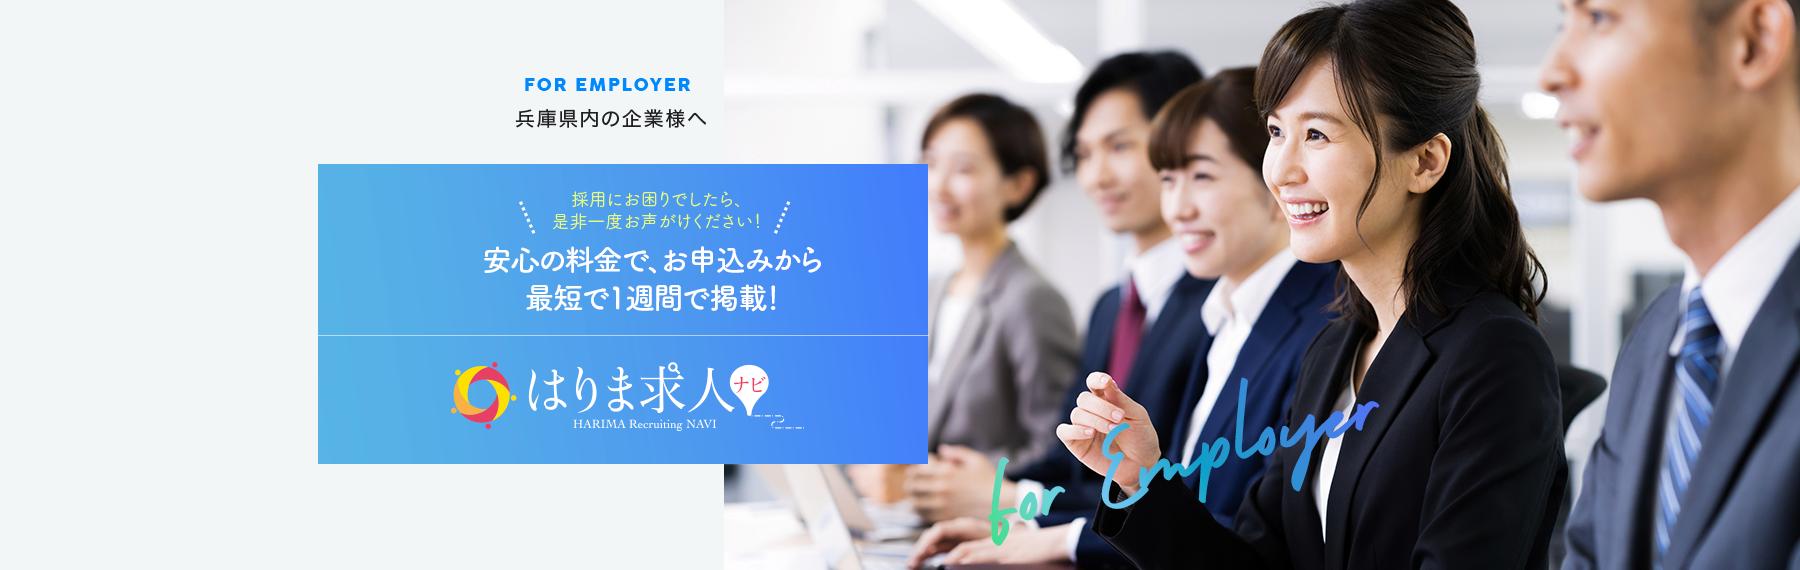 静岡県内のドライバー関連の企業様へ 採用にお困りでしたら、是非一度、お声がけください!